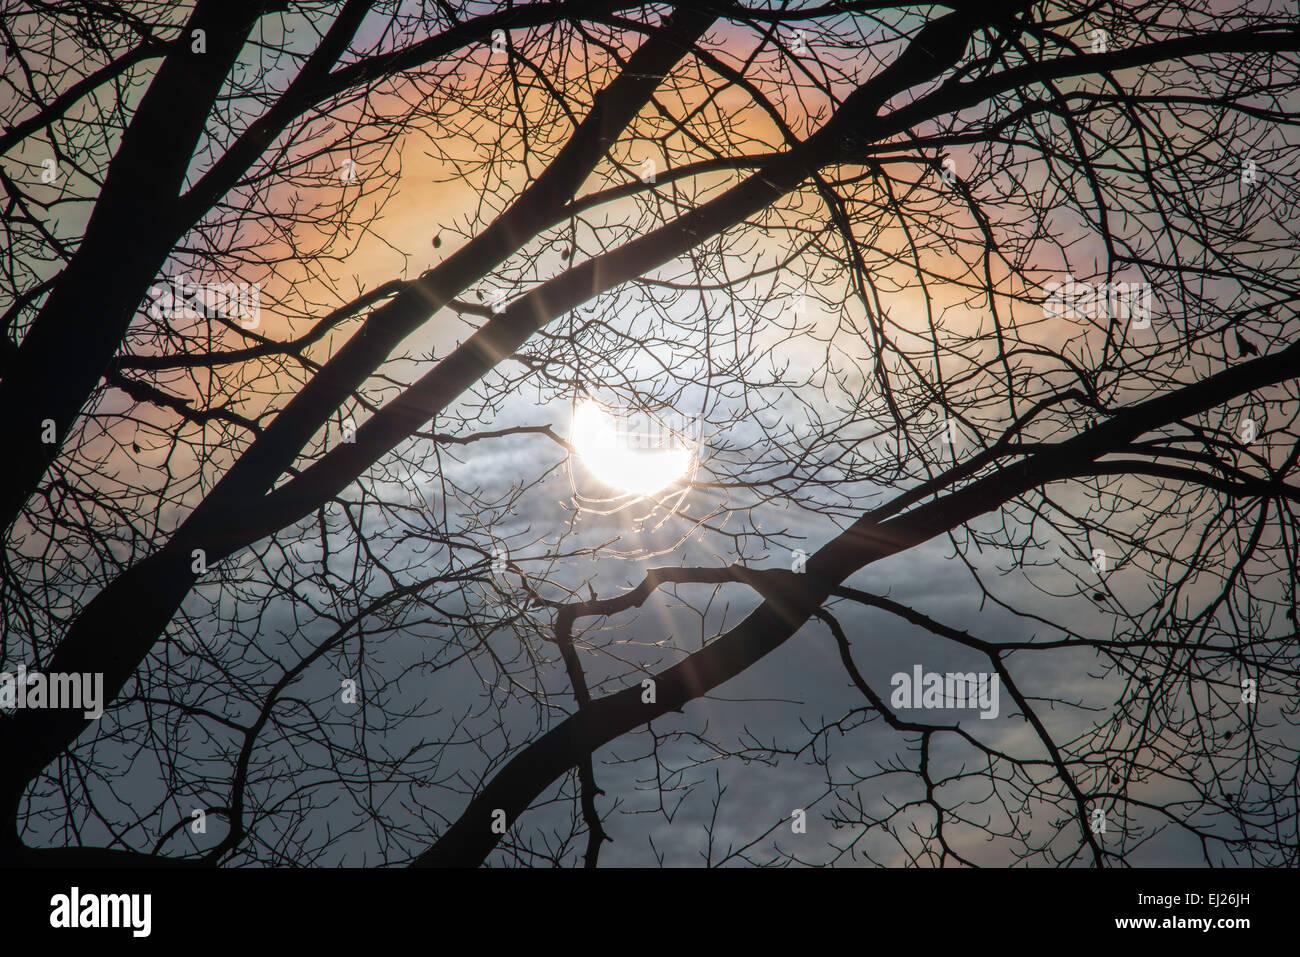 Sonnenfinsternis am 20.03.2015 vom Garten in Gloucestershire England UK durch Äste eines Baumes Blutbuche Sonne. Stockbild